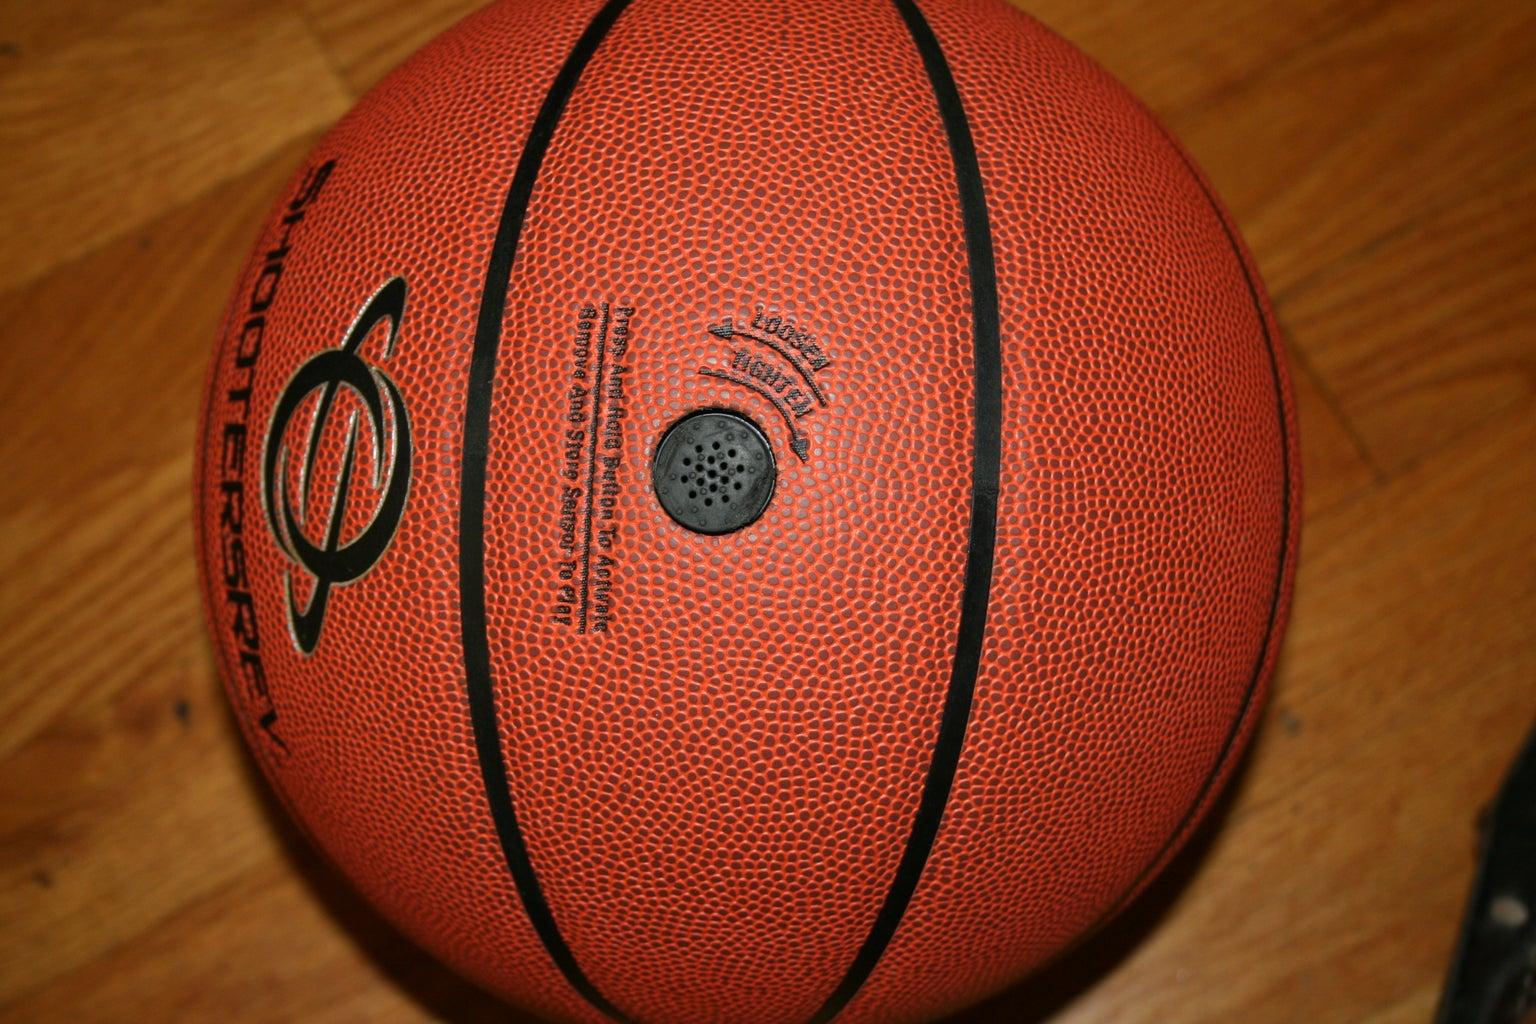 The BasketBall